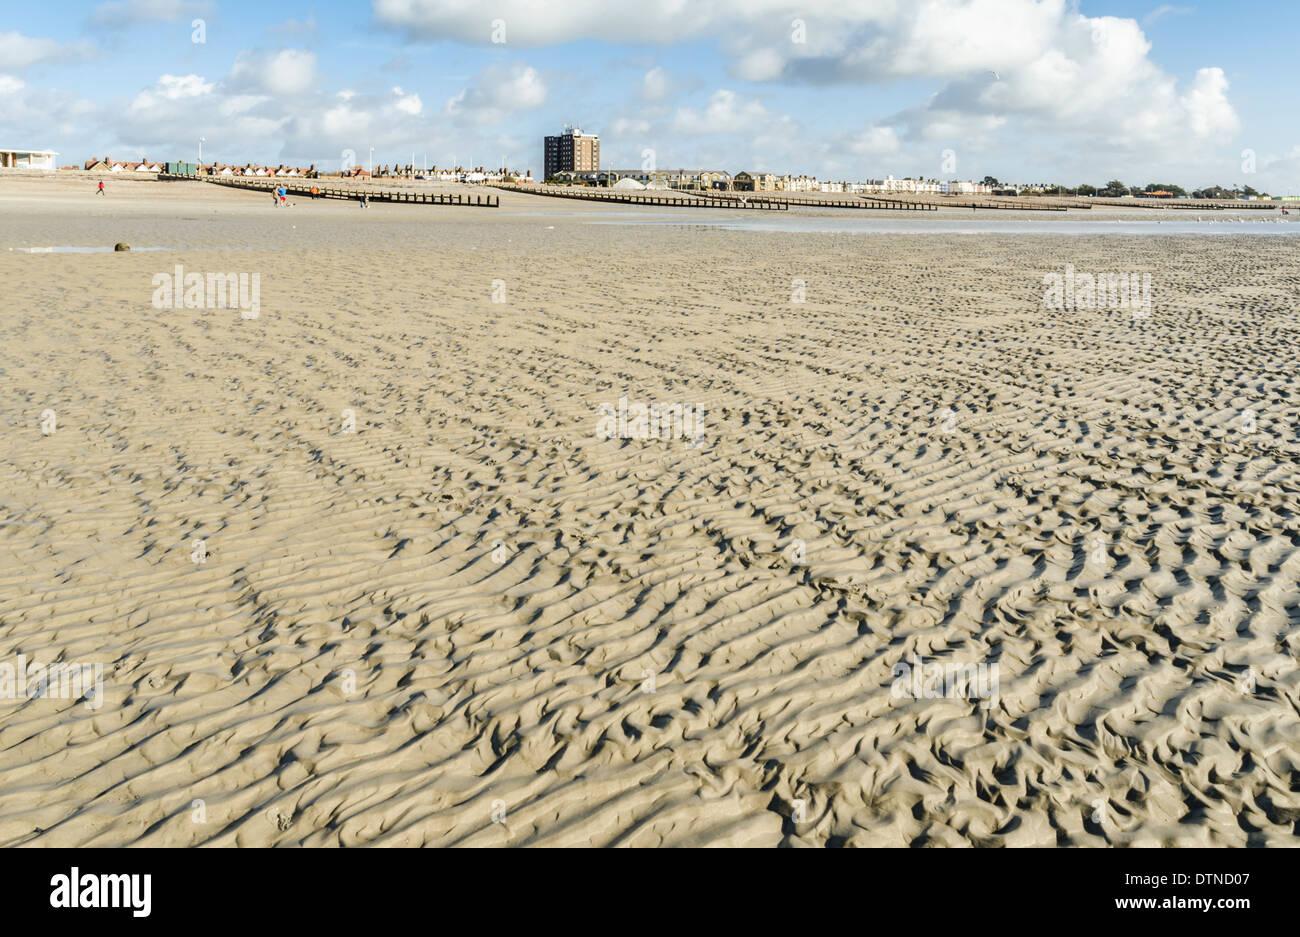 Increspature di sabbia su un vuoto di spiaggia sabbiosa. Immagini Stock